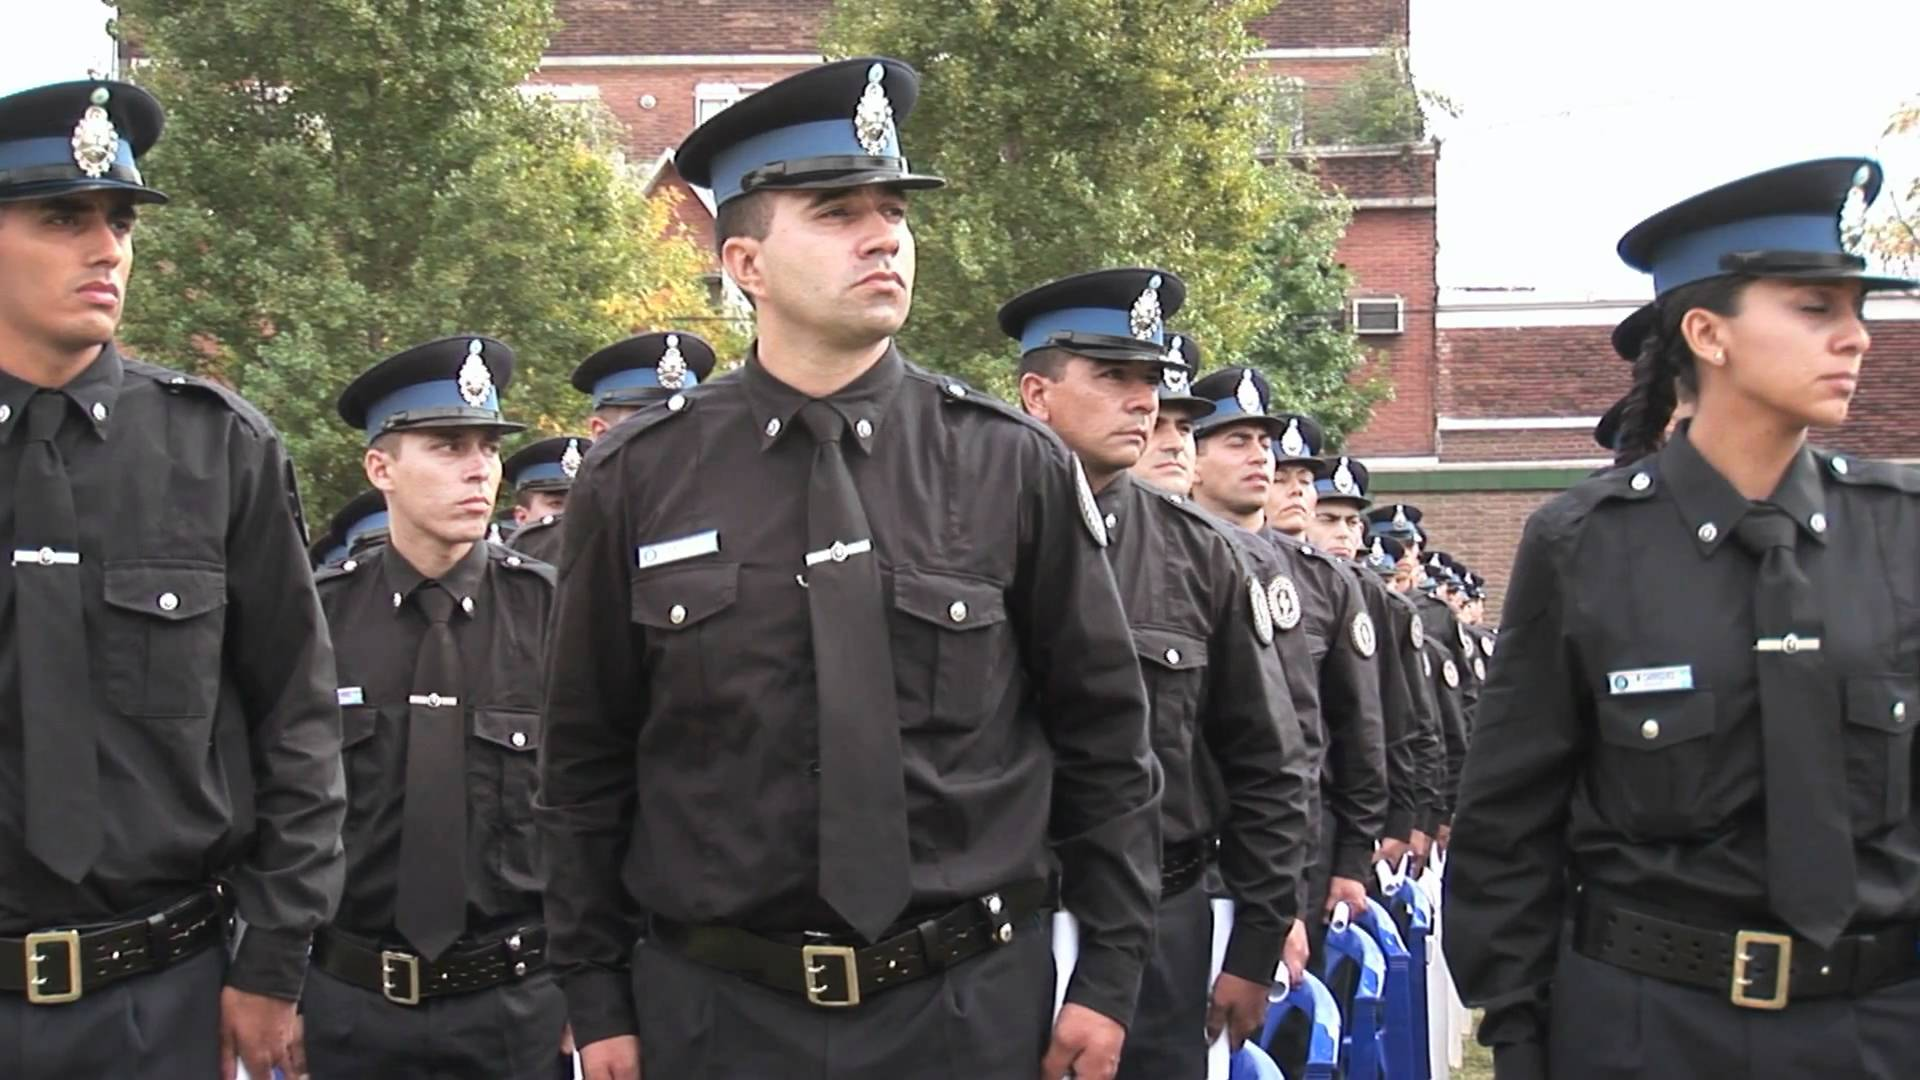 La situación de brazos caídos fue propicia para que los gendarmes solicitaran mejoras salariales